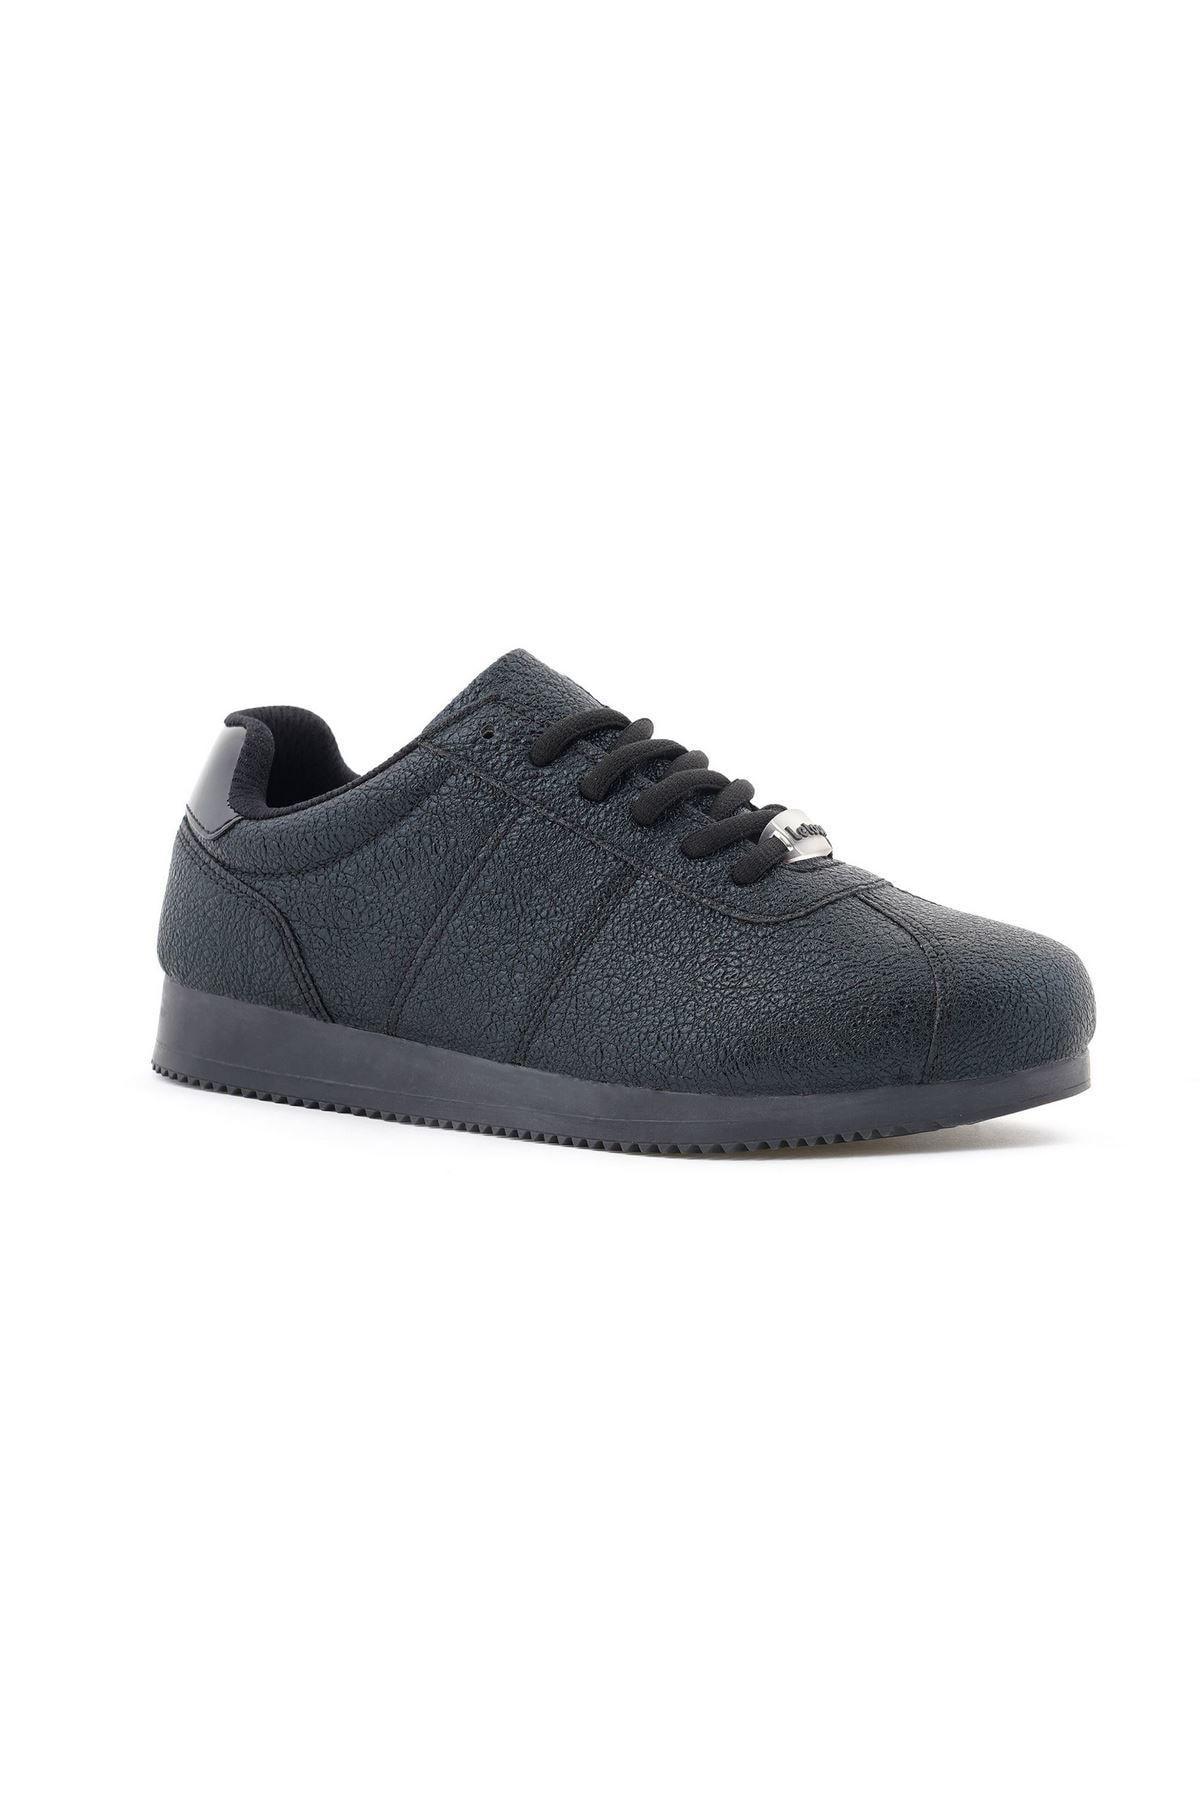 LETOON Kadın Casual Ayakkabı - 7225ZN 2